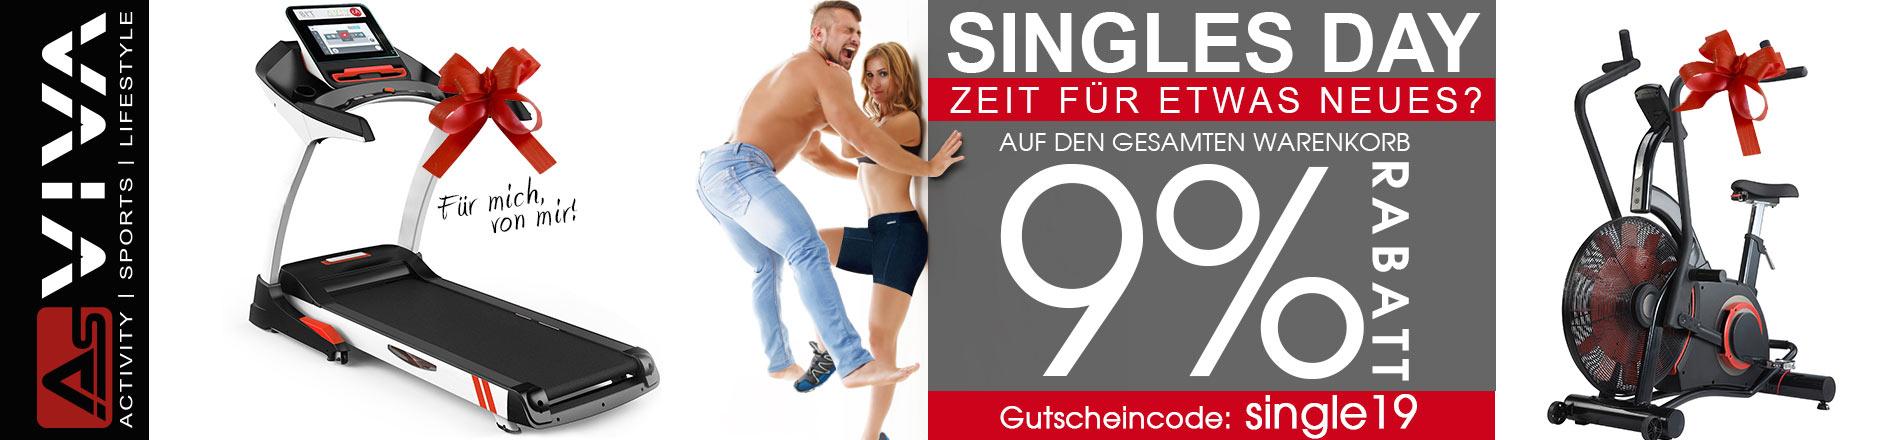 Singles Day Wochenende 9 % Rabatt-Gutschein für Fitnessgeräte, E-Bikes, Gartenmöbel & Keramikgrills im AsVIVA Online Shop.